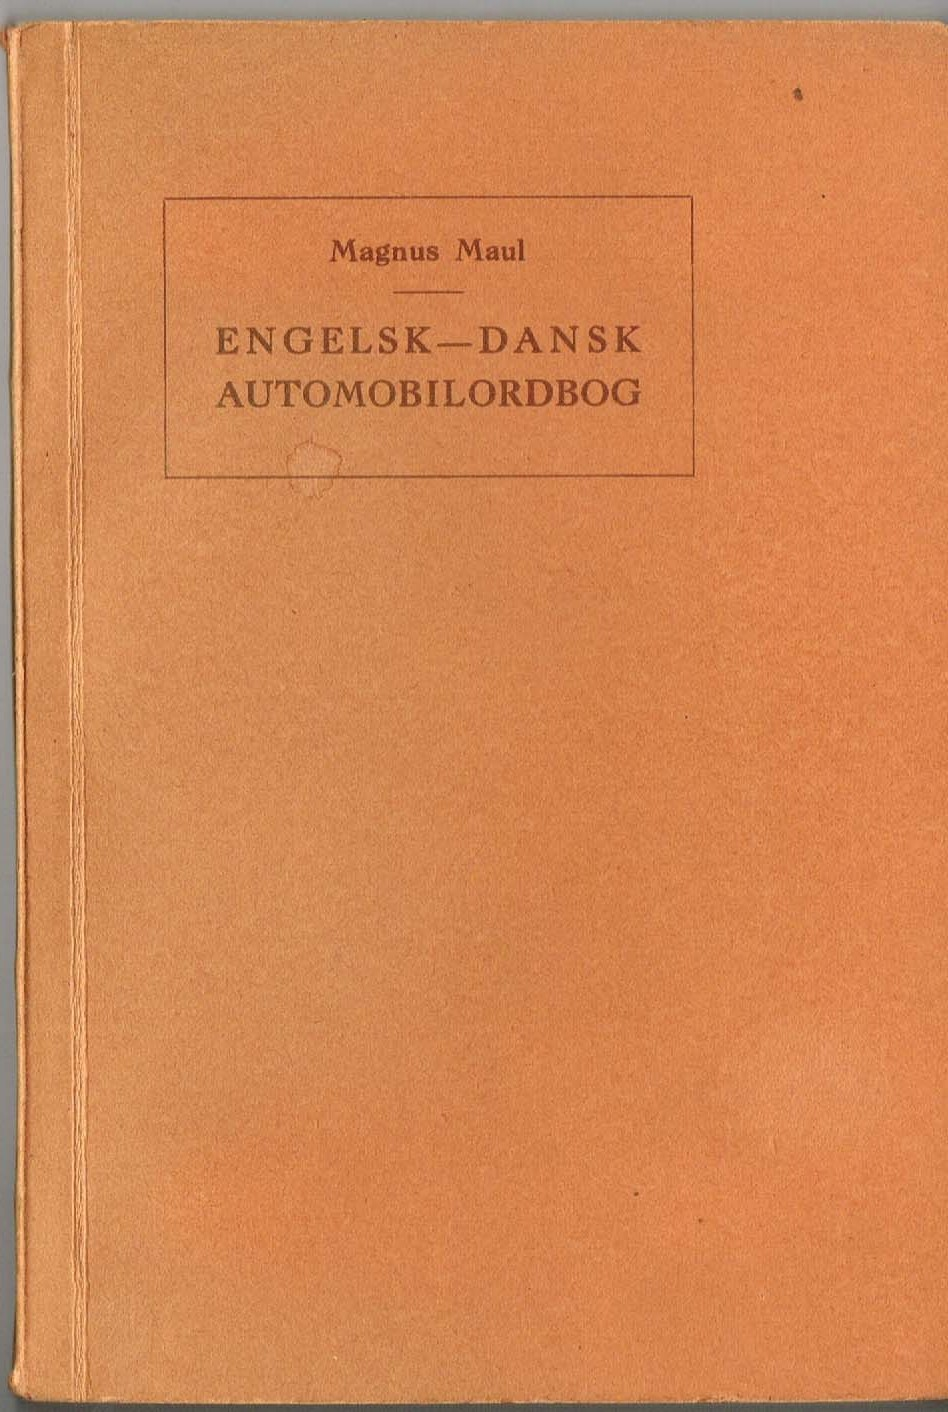 automobil ordbog